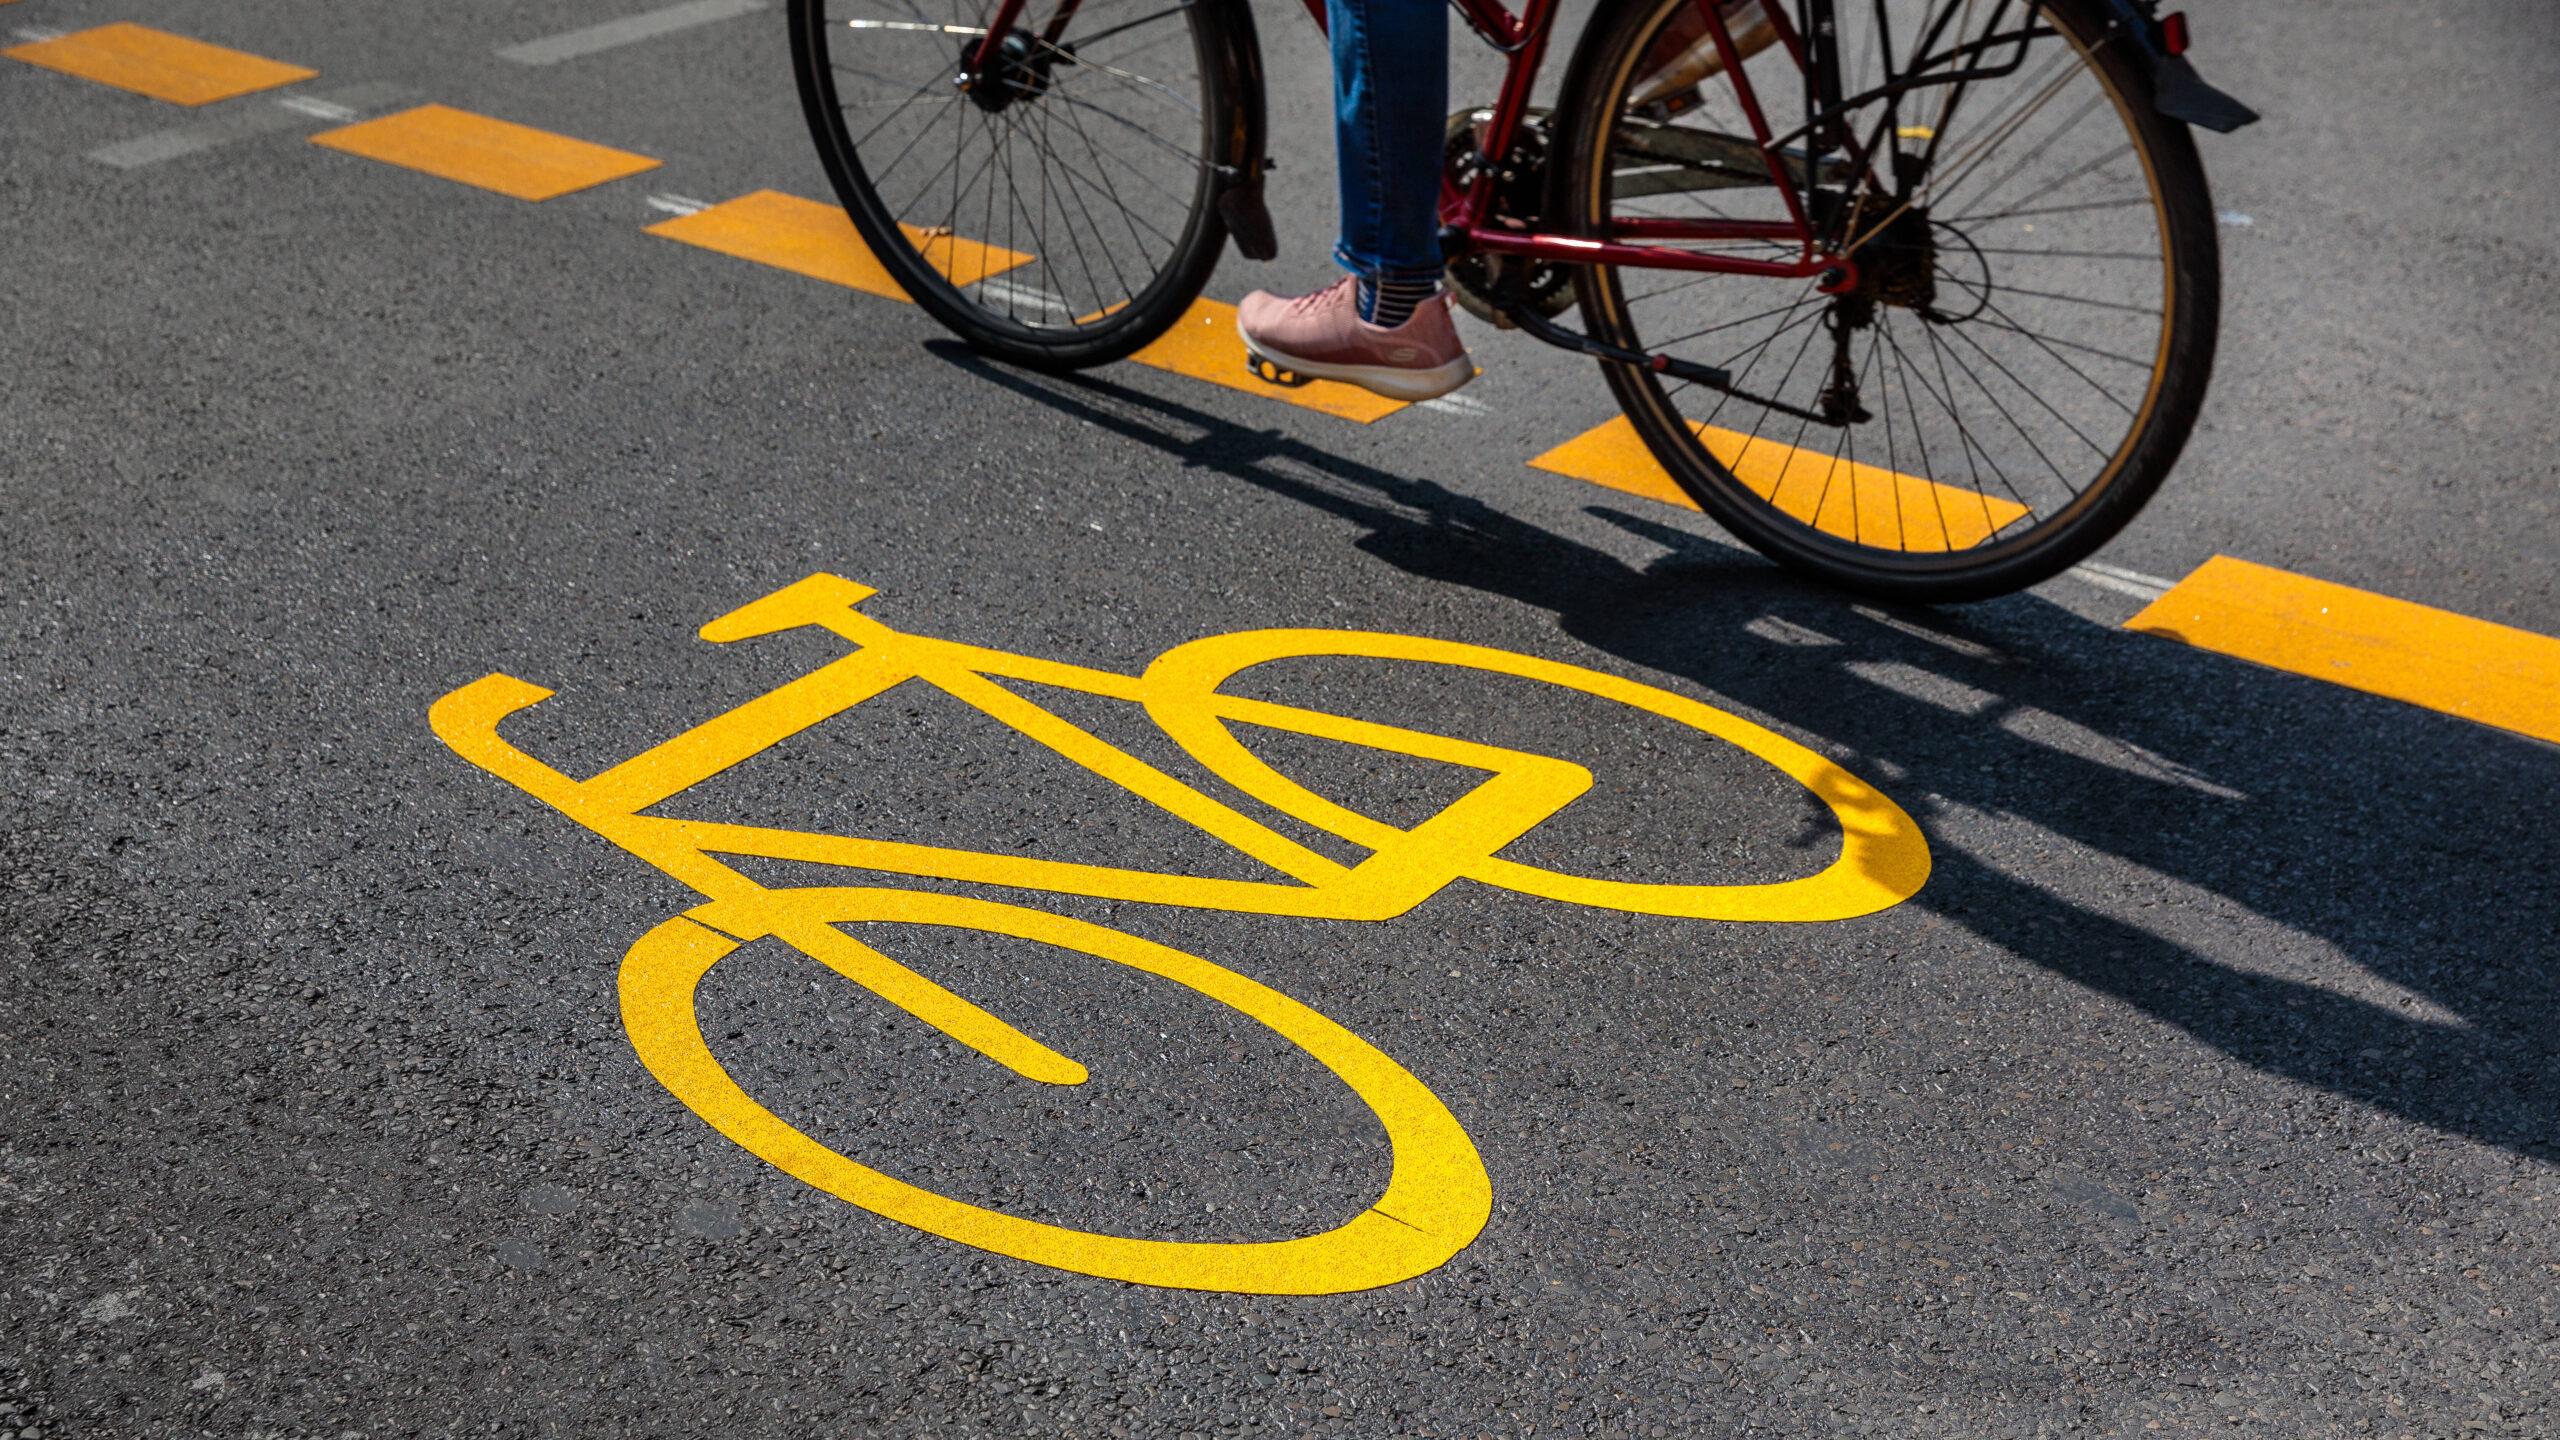 Neukölln: Radfahrer fordern schnellere Lösung für die Hermannstraße